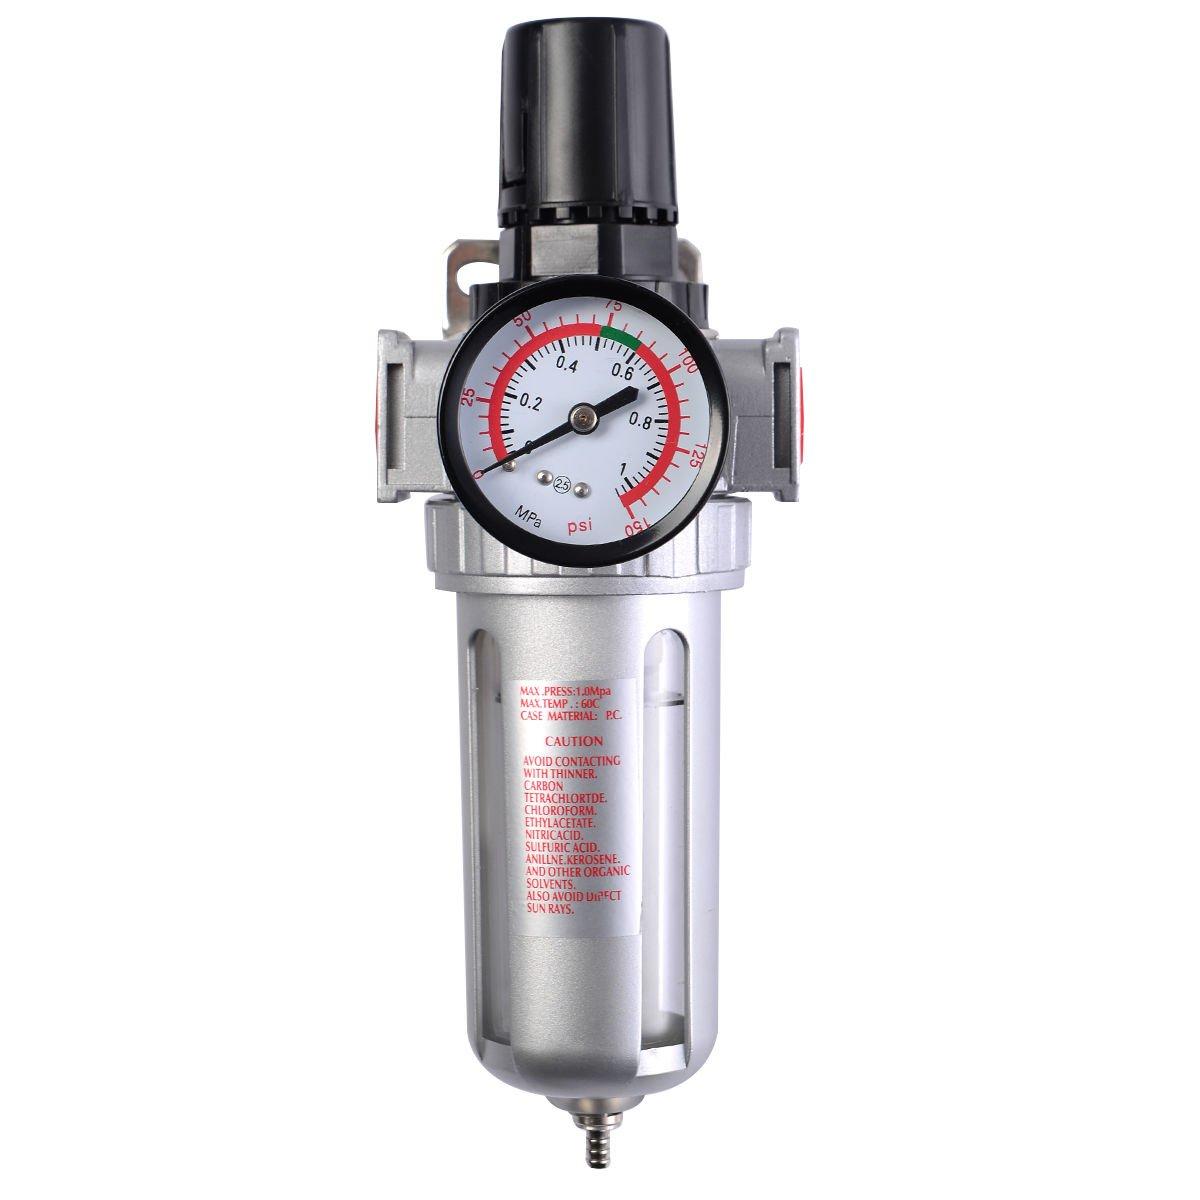 SFR300 Air Pressure Regulator Filter Water Separator w/ Pressure Gauge